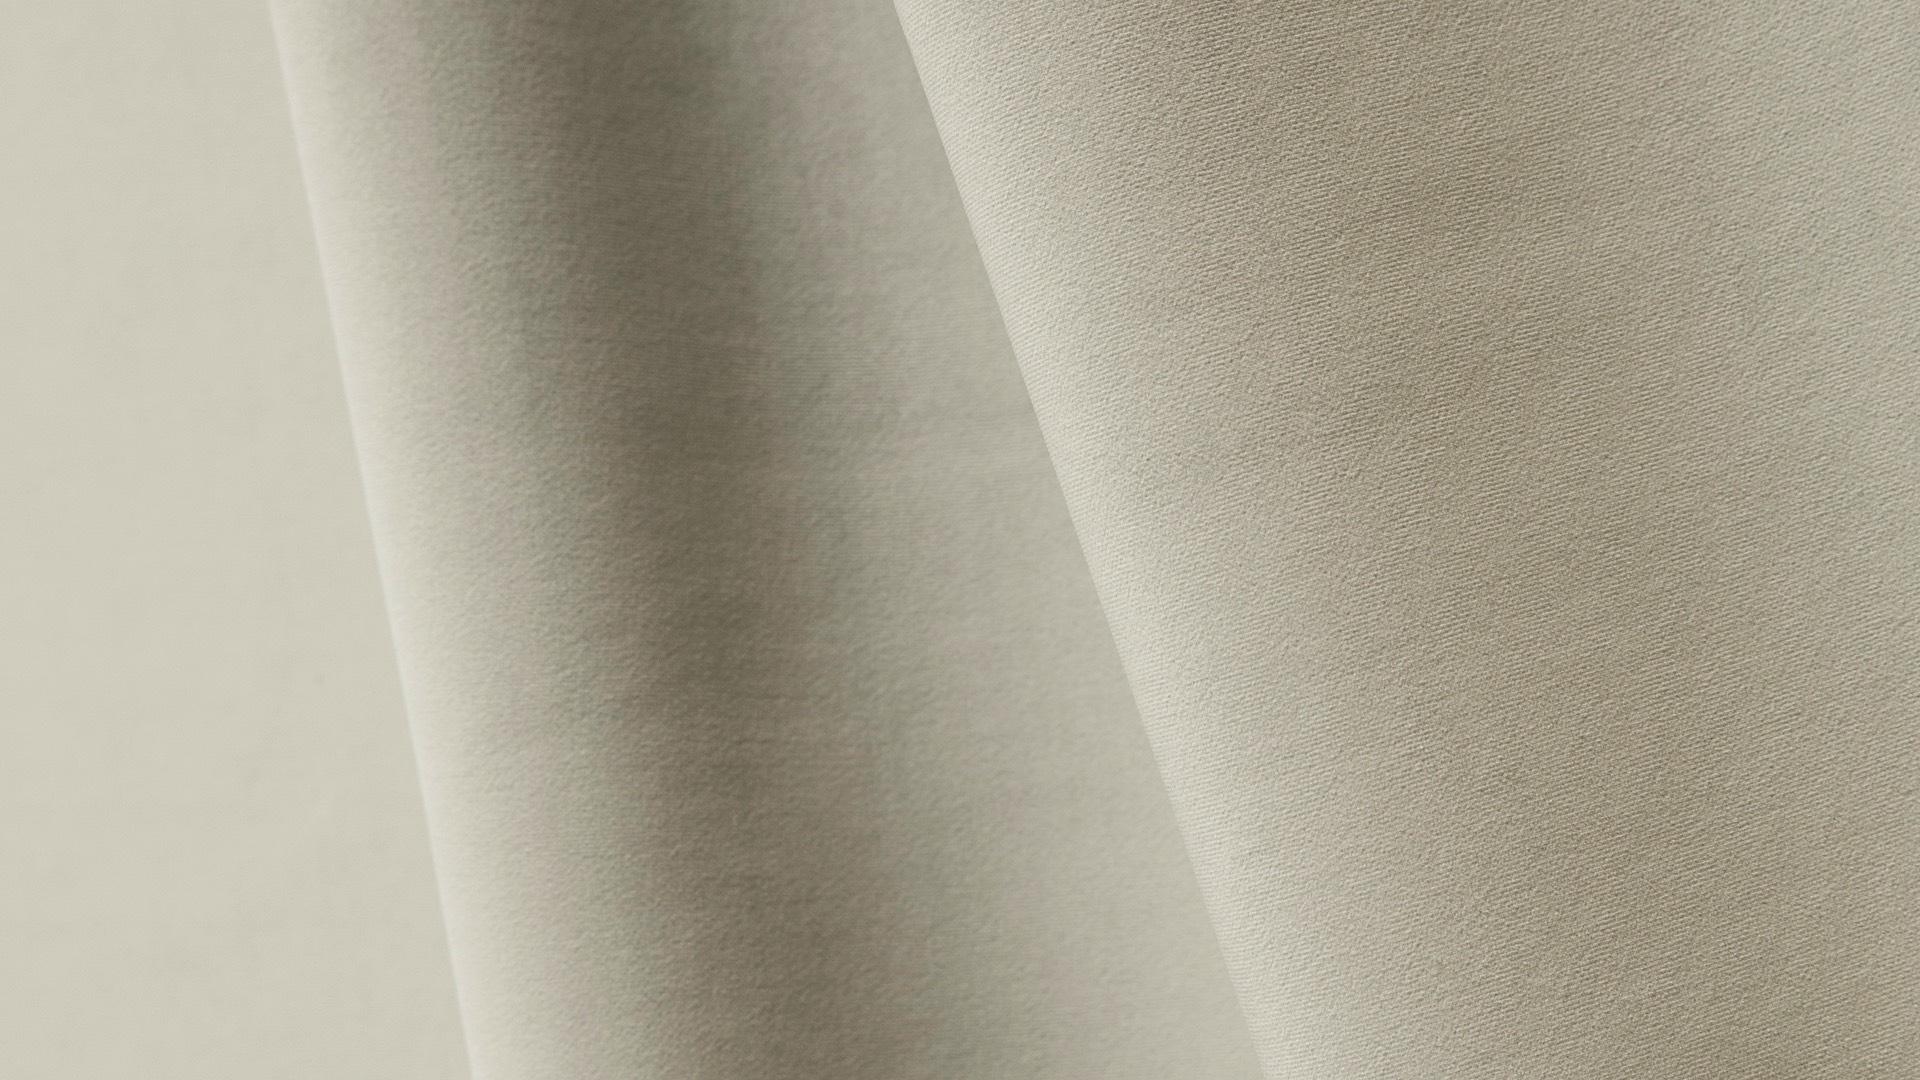 Échantillon de tissu velours sable